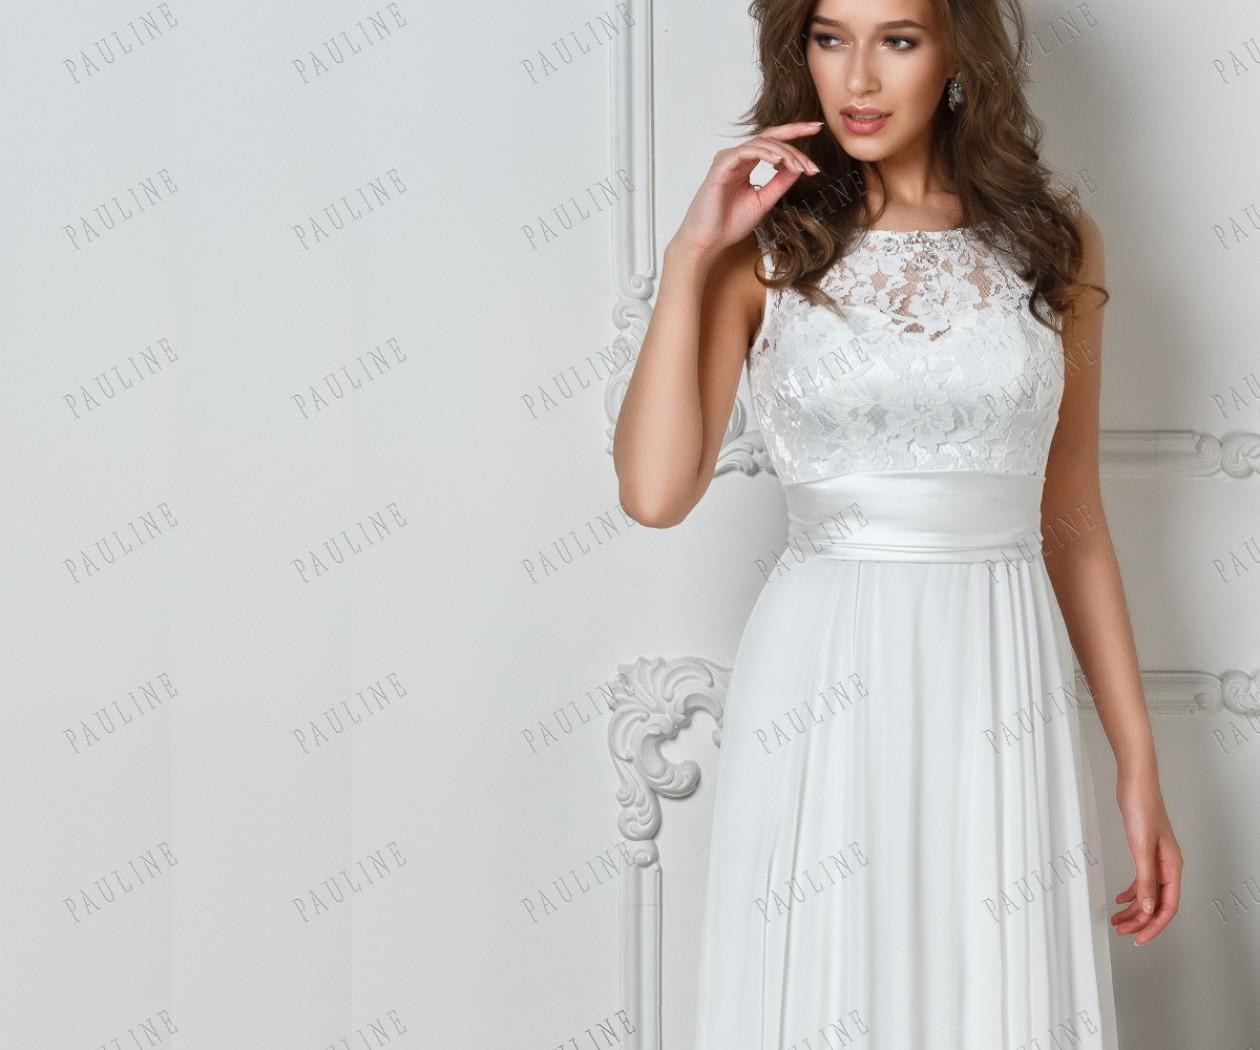 Свадебное платье с кружевным верхом, поясом и камнями ДАЛИЛА